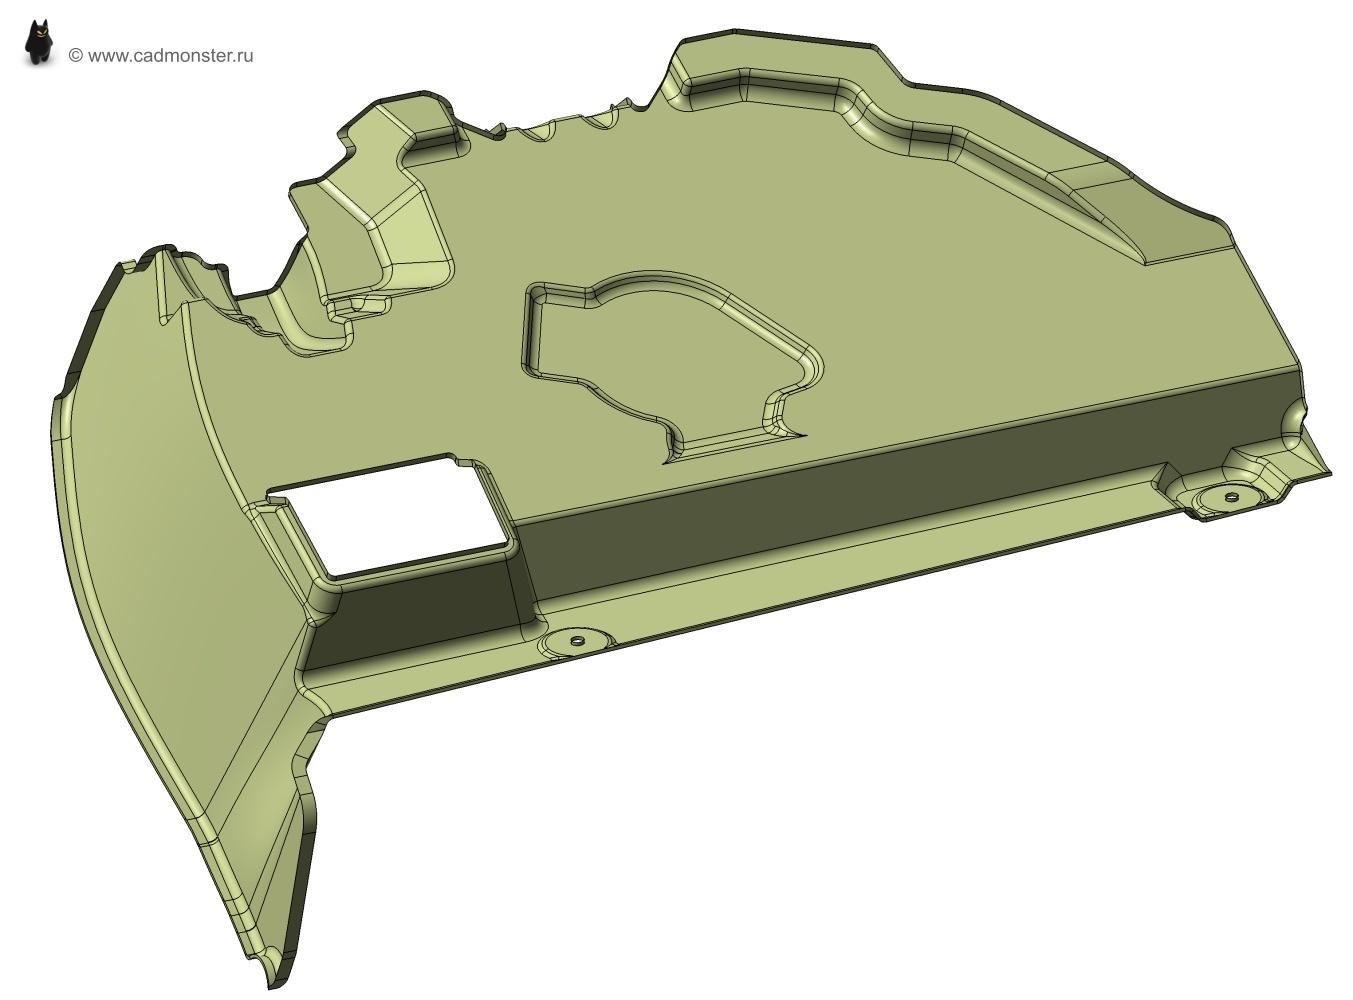 Построение 3d моделей по чертежам а